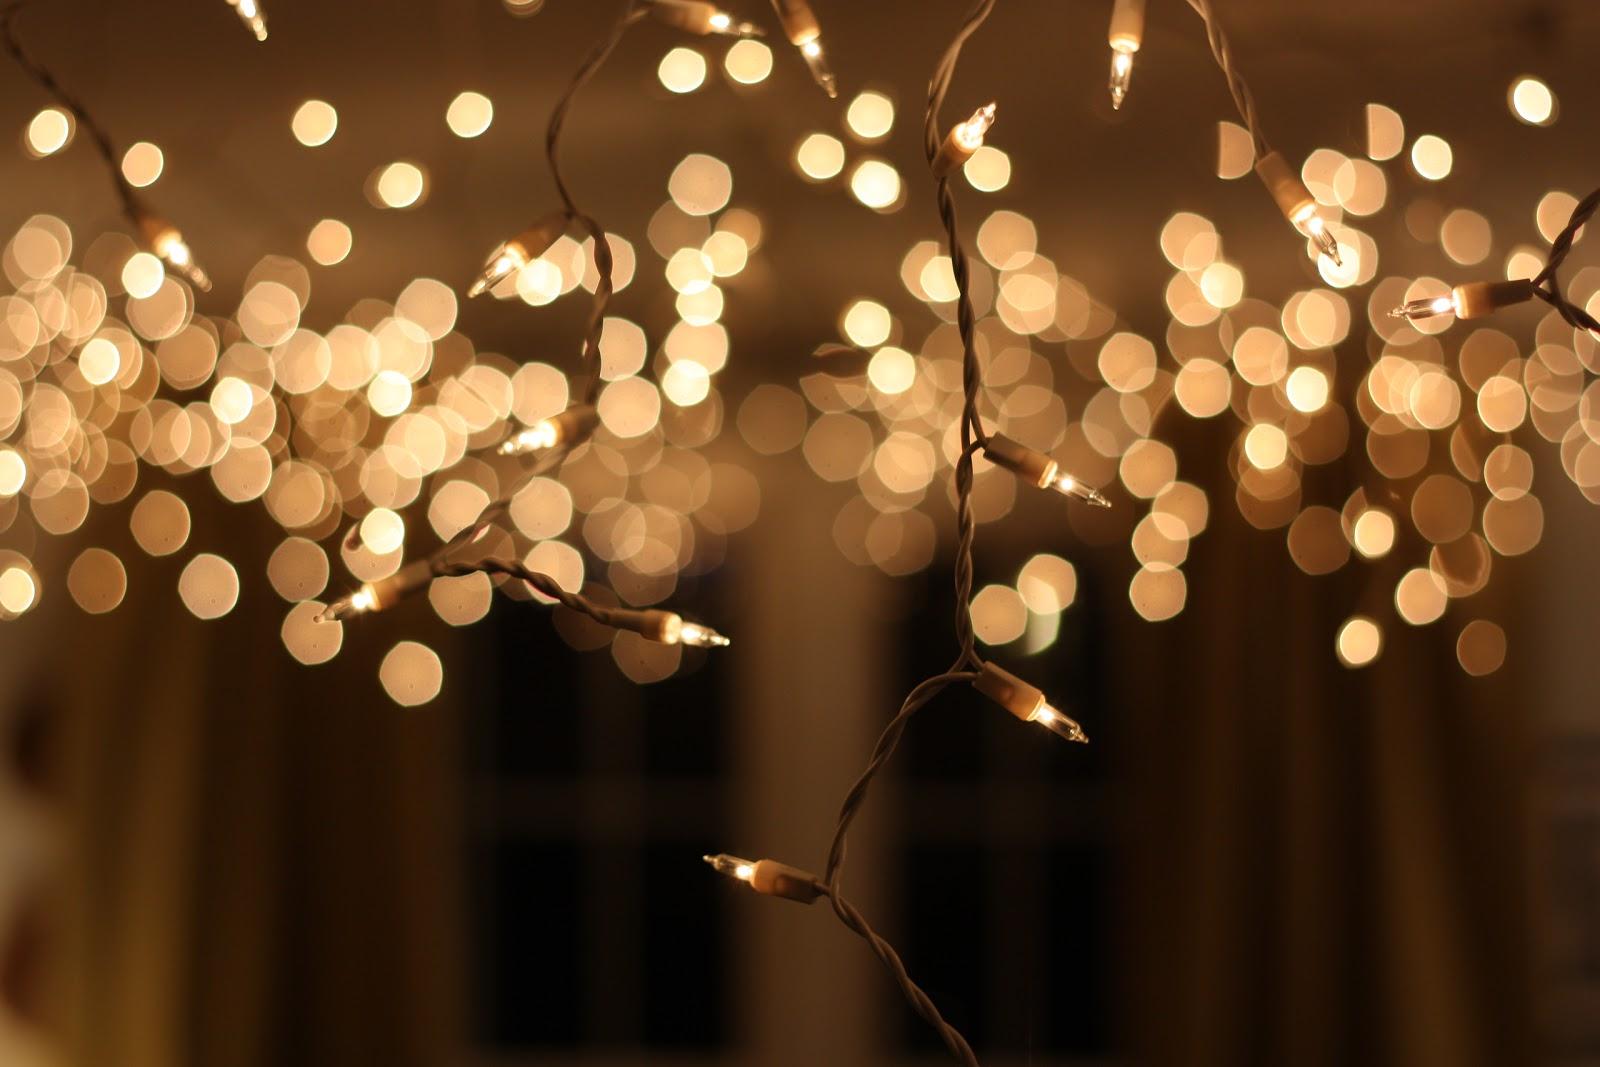 Decoration New Year's Eve Party, dekoracje sylwestrowe, DIY, dom, jak udekorować, jak urządzić sylwester w domu, last minute, mieszkanie, na sylwestra, Sylwester, impreza sylwestrowa, przekąski na sylwestra,